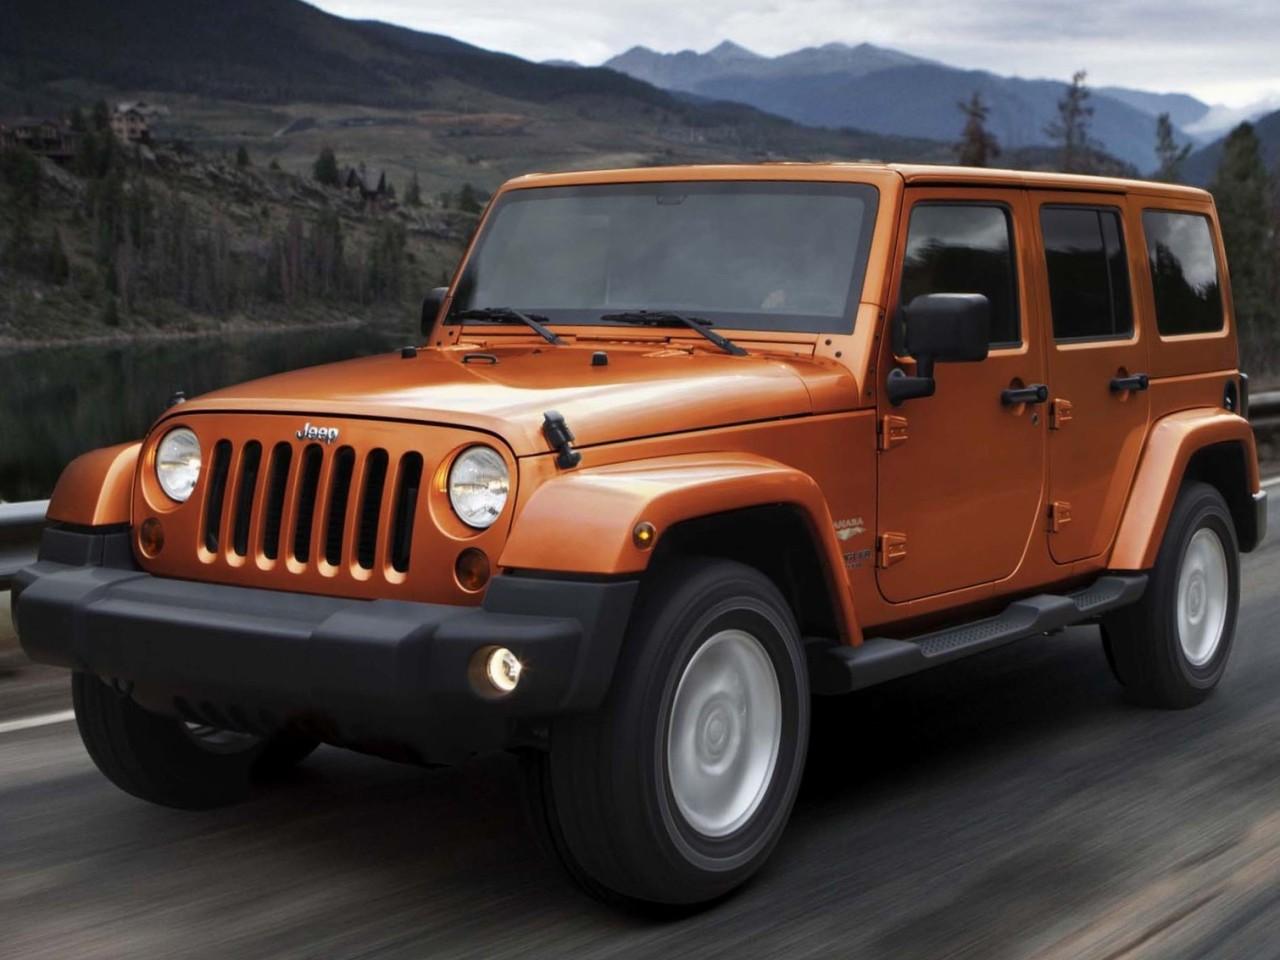 ジープ ラングラー 2007年モデル 新車画像